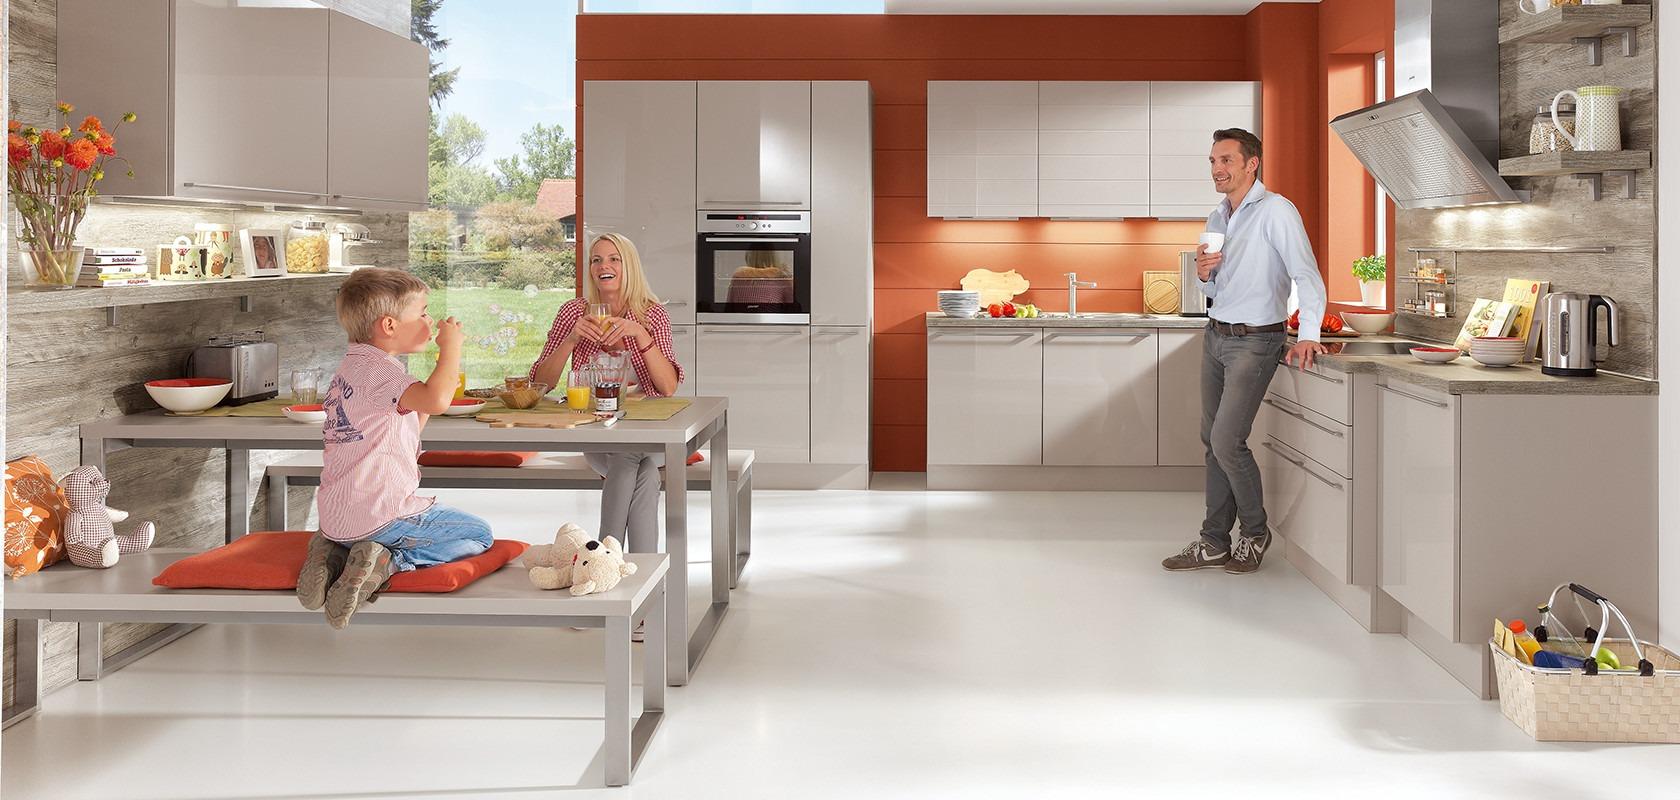 Cuisine Moderne – Focus 467